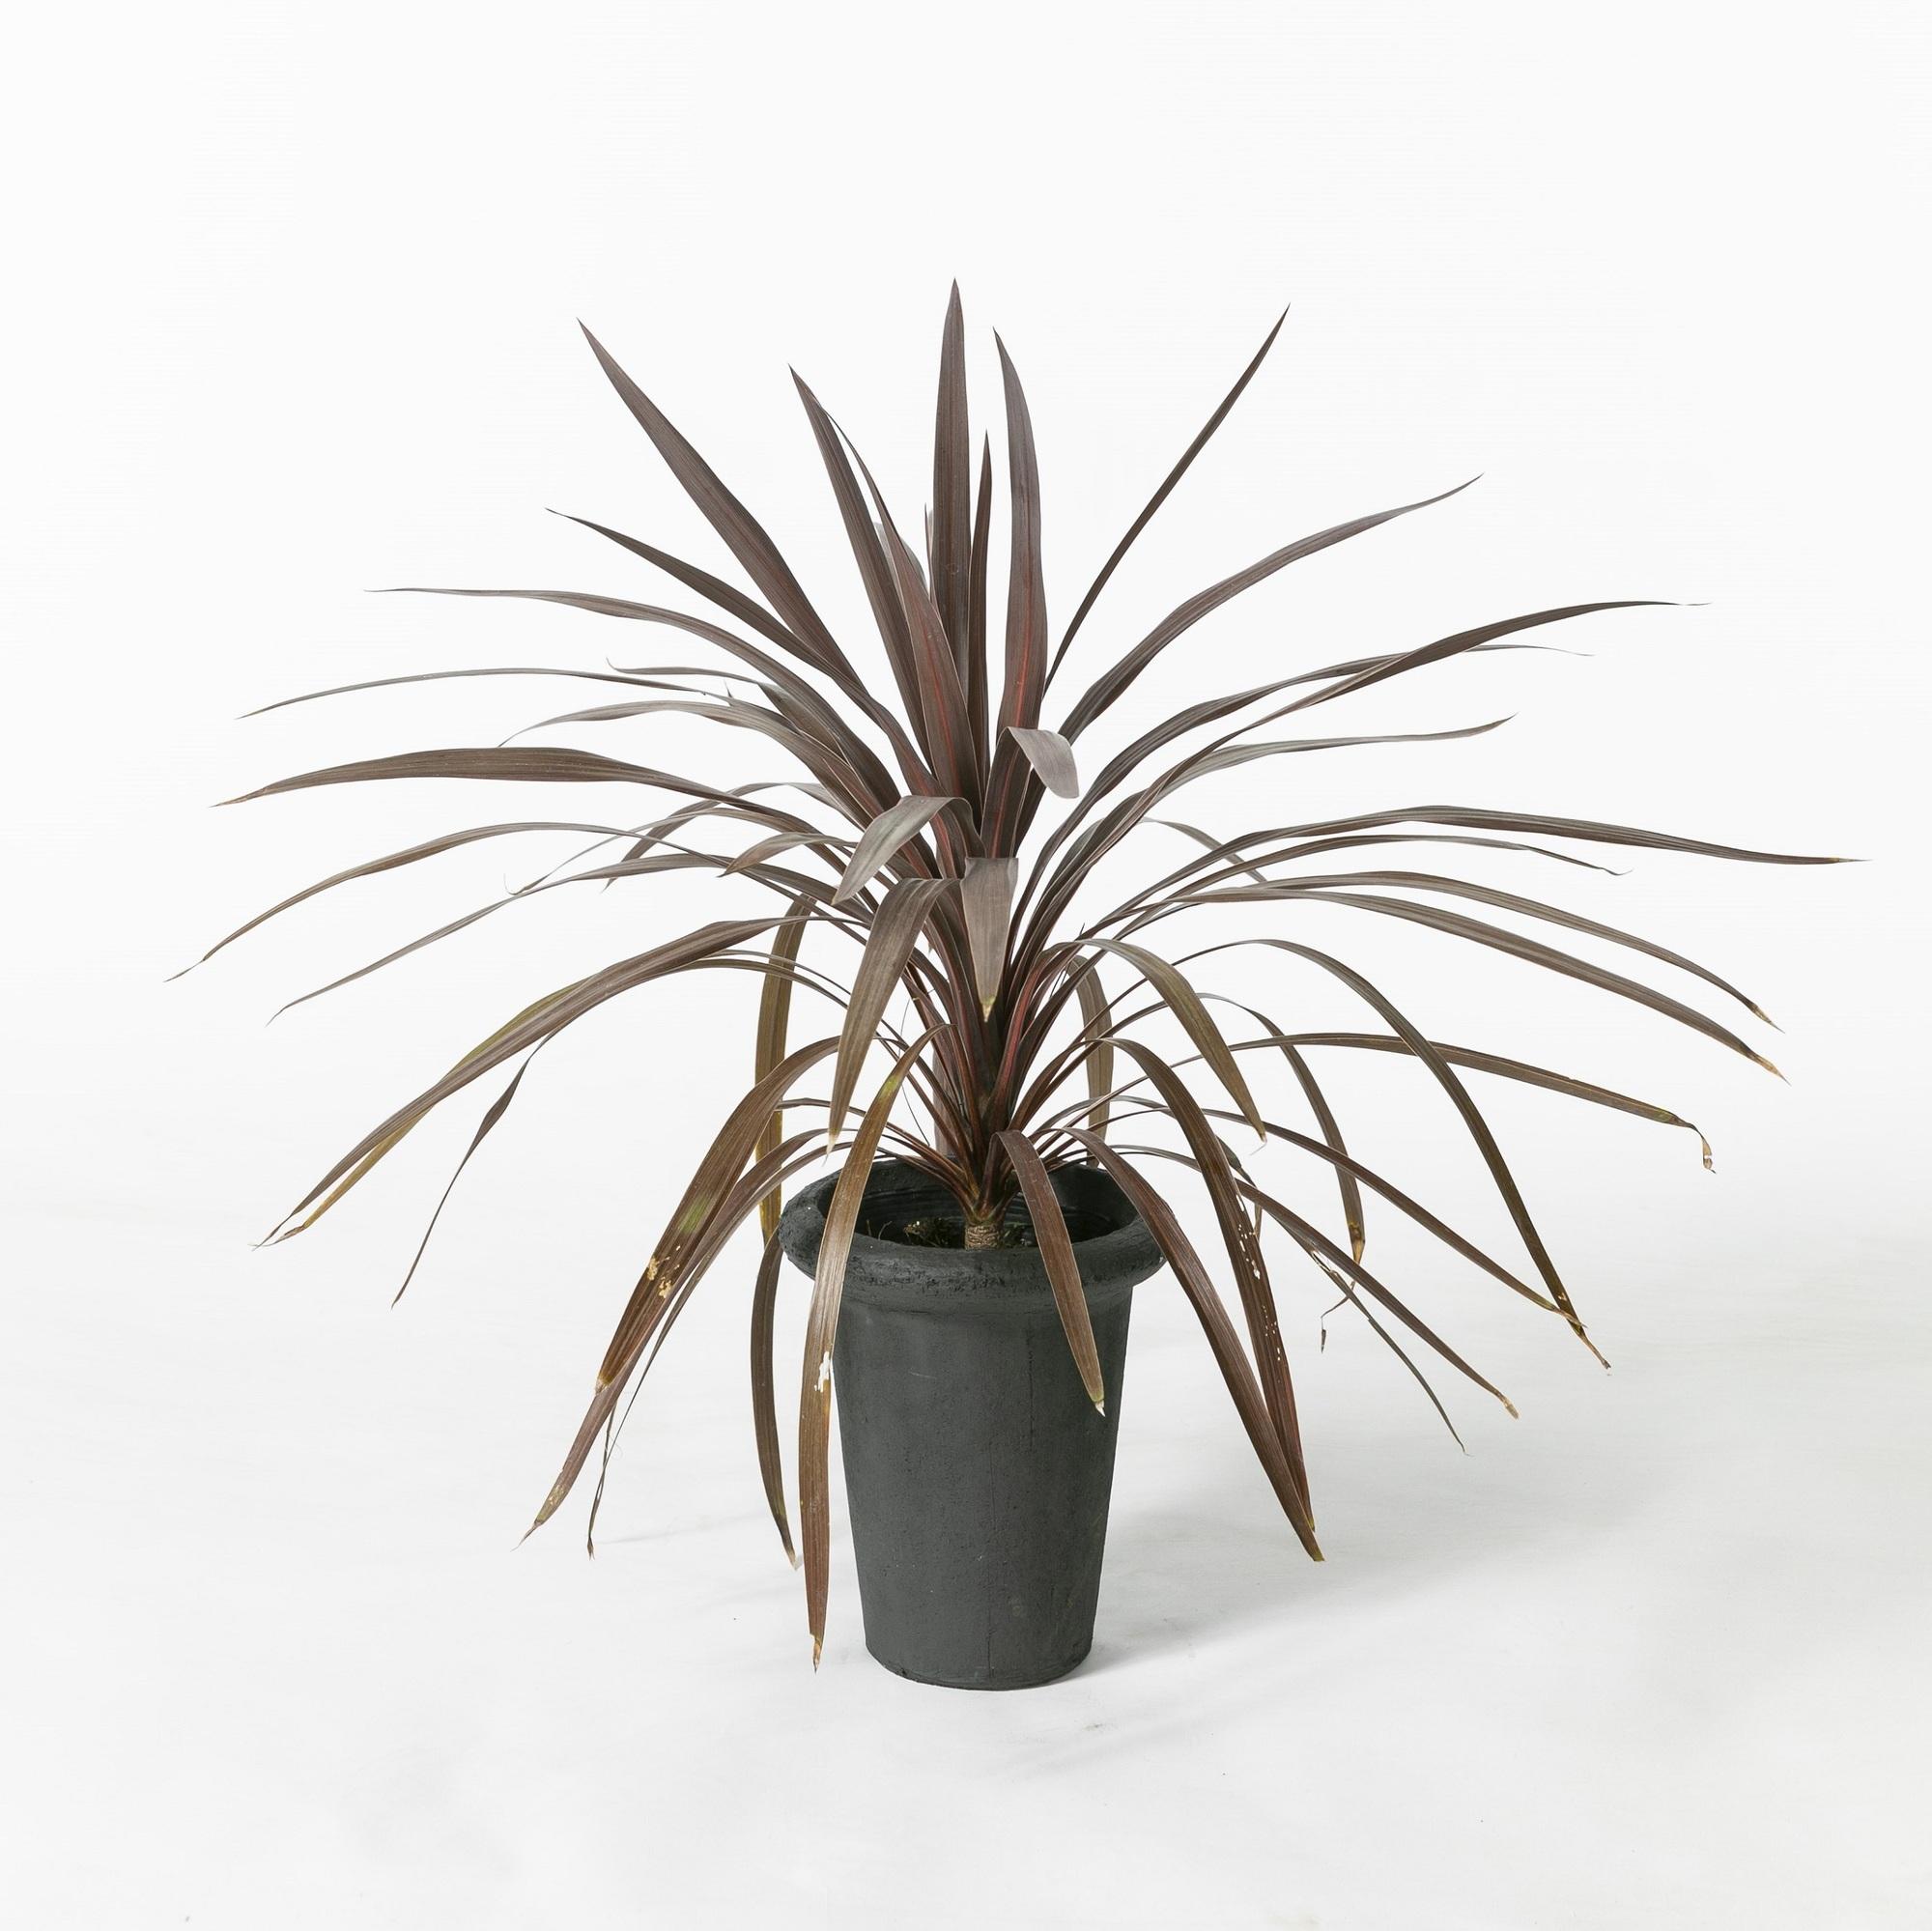 コルジリネ 観葉植物